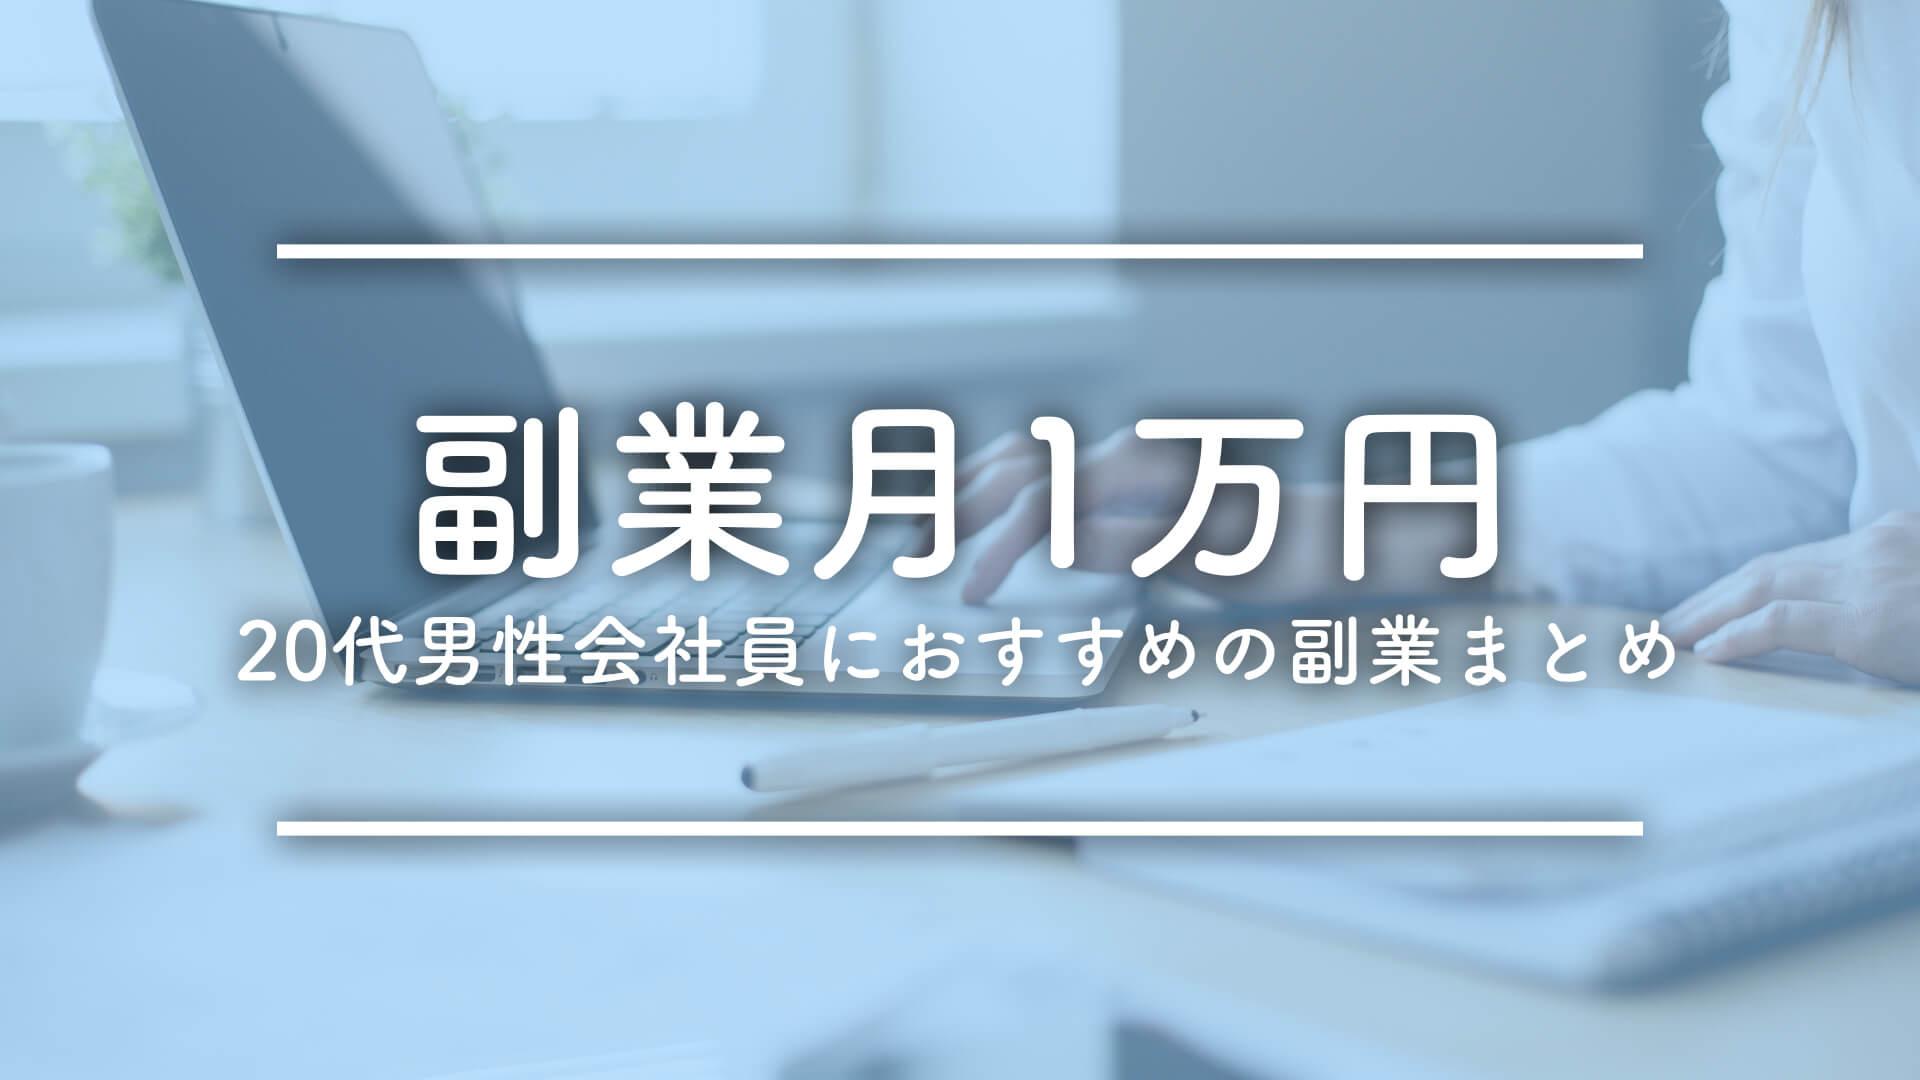 副業月1万円「20代男性会社員におすすめの副業まとめ」